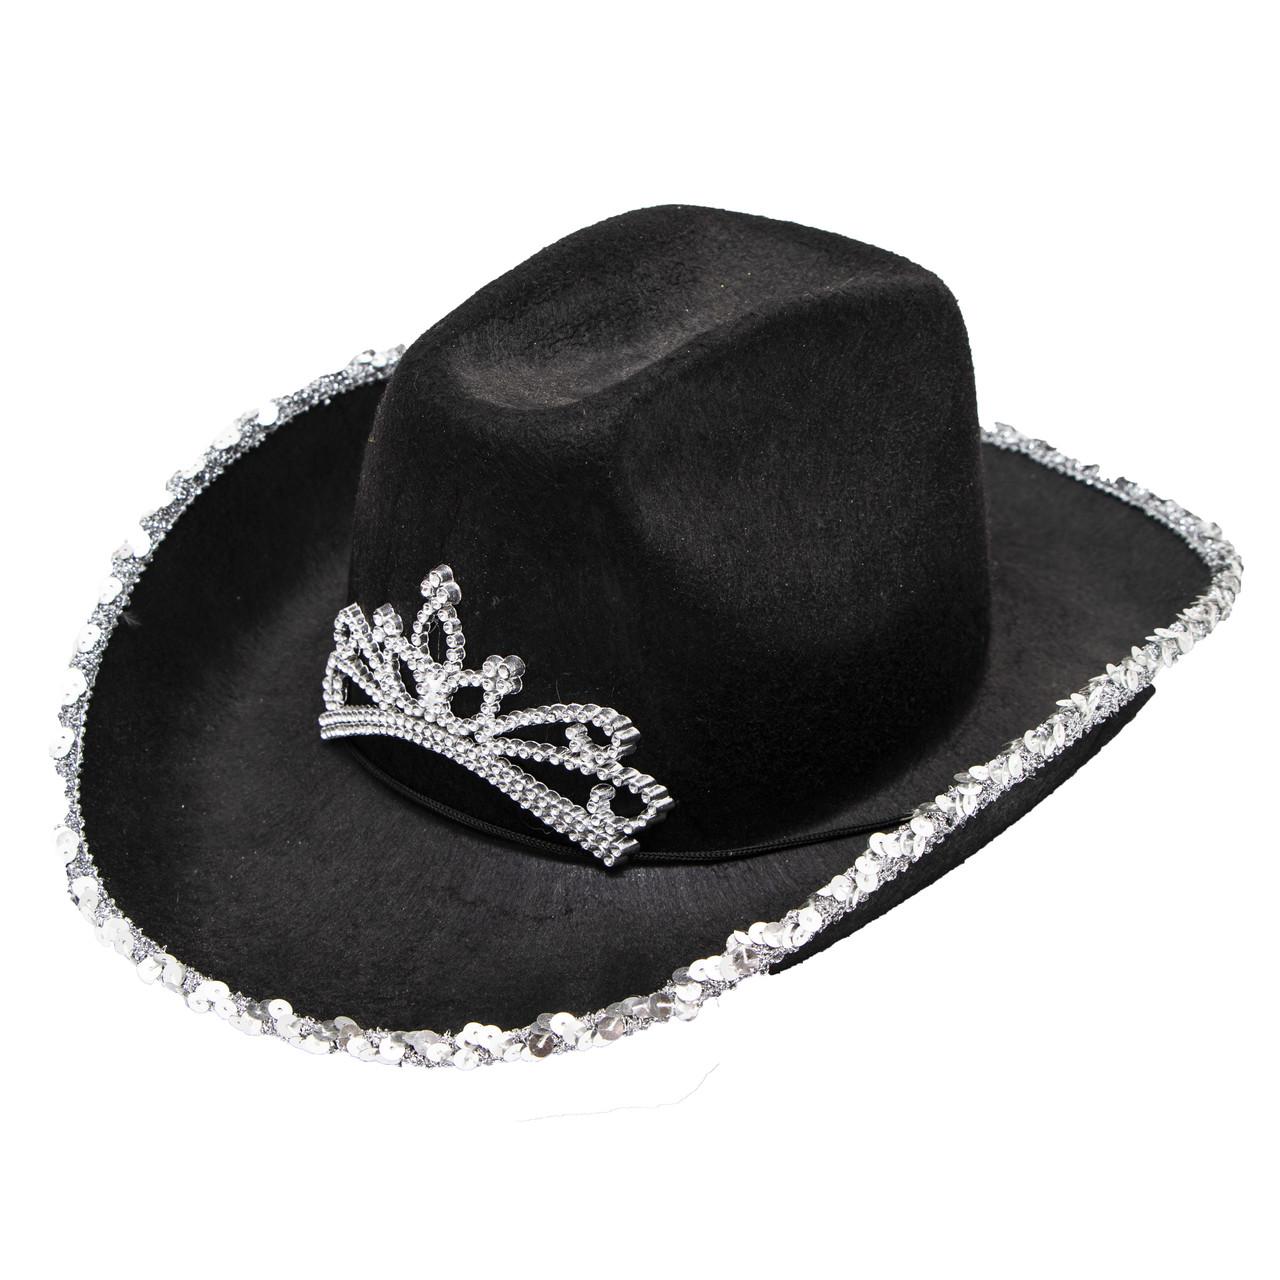 Фетровая шляпа, 58-60 см (460076)